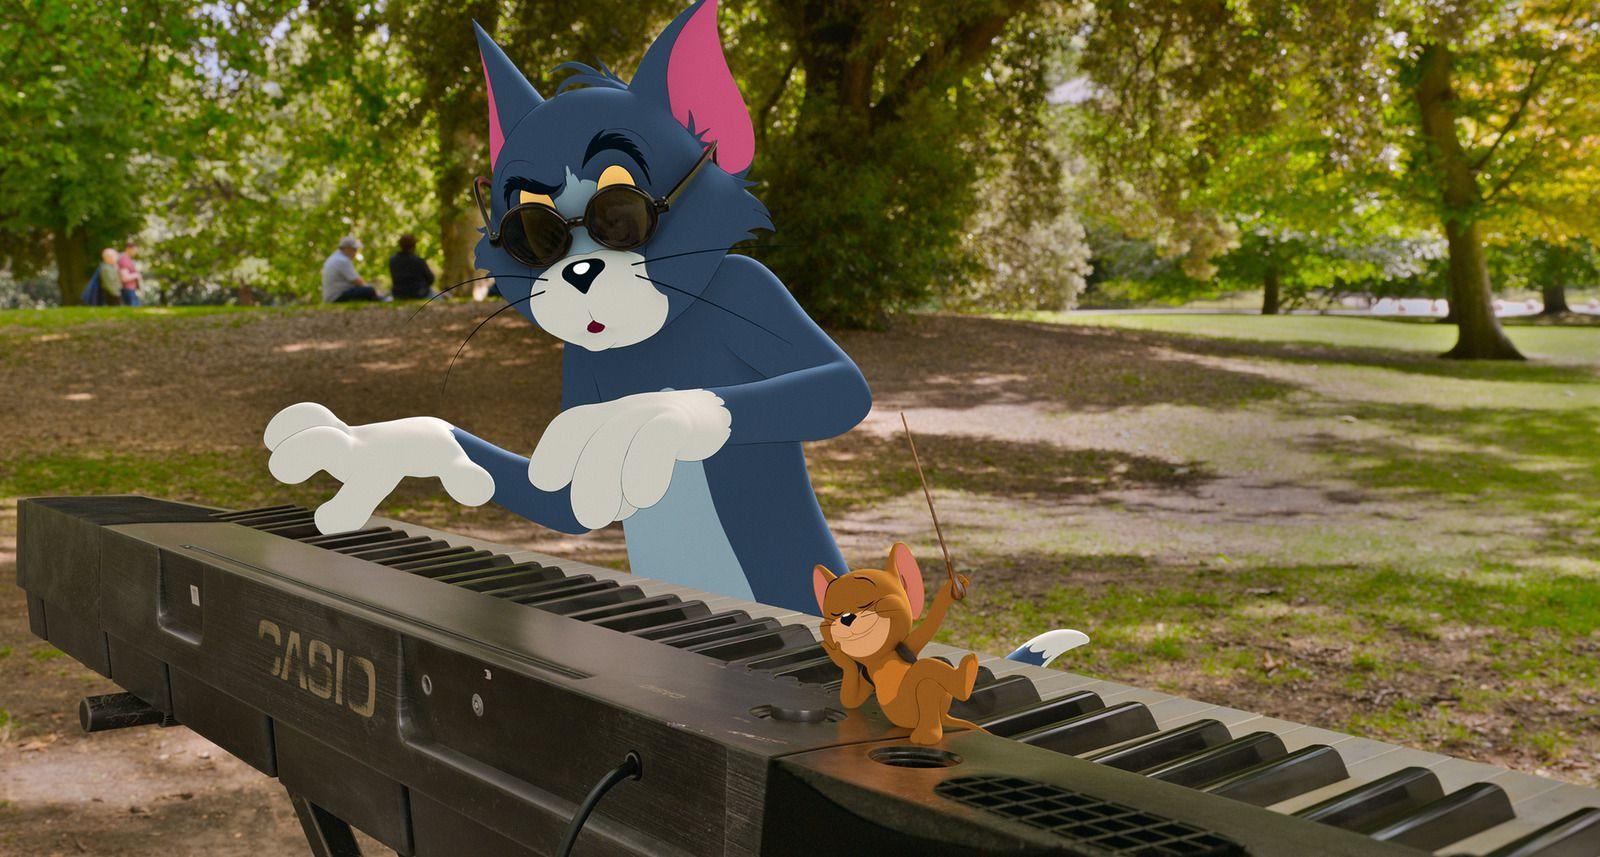 Tom et Jerry (BANDE-ANNONCE) avec Chloë Grace Moretz, Michael Peña, Ken Jeong - Le 19 mai 2021 au cinéma